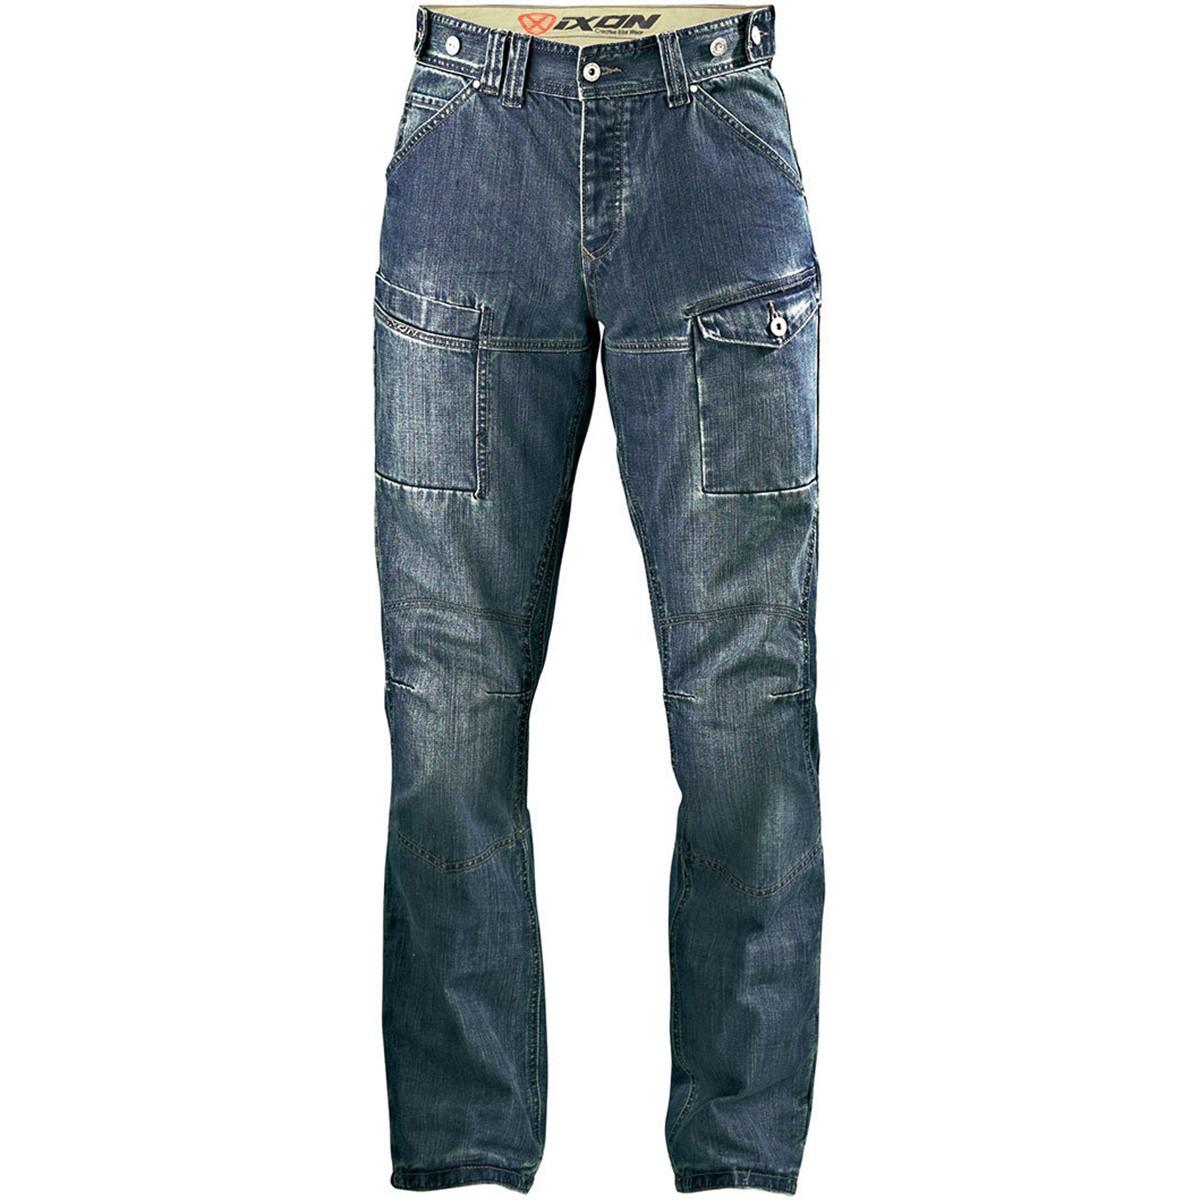 Джинсовые брюки Ixon Sawyer Stonewash р. M (с кевларовыми вставками)